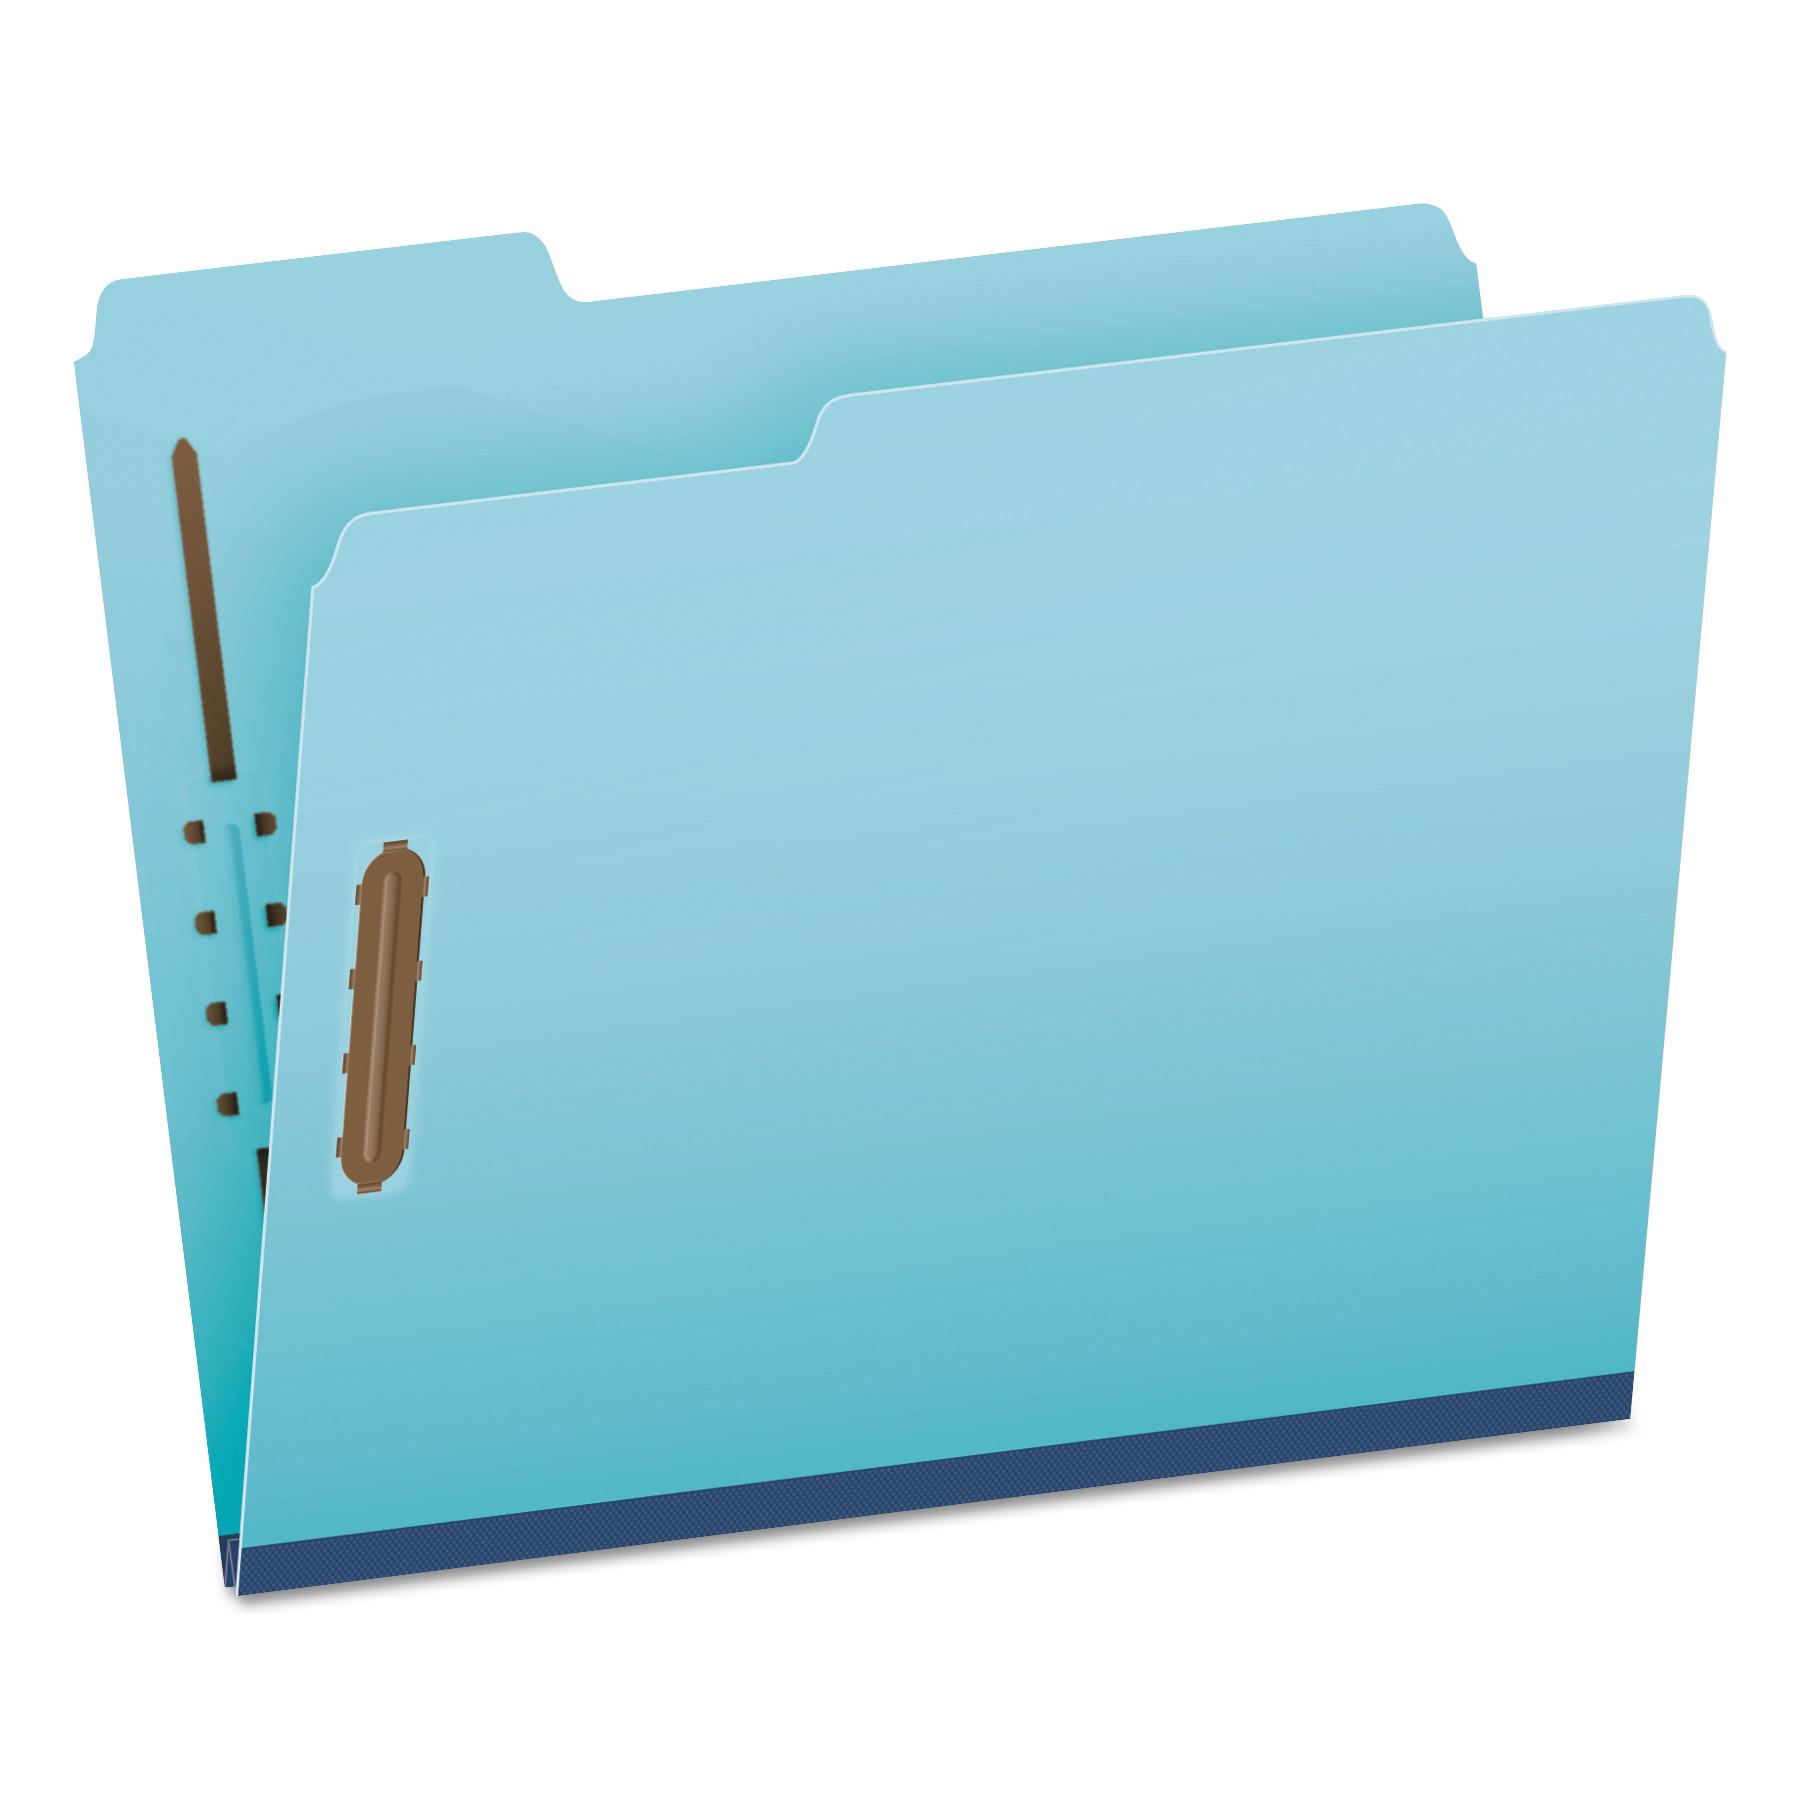 Earthwise Heavy-Duty Pressboard Folders, 1/3 Cut Tab, Letter, Light Blue, 25/Box